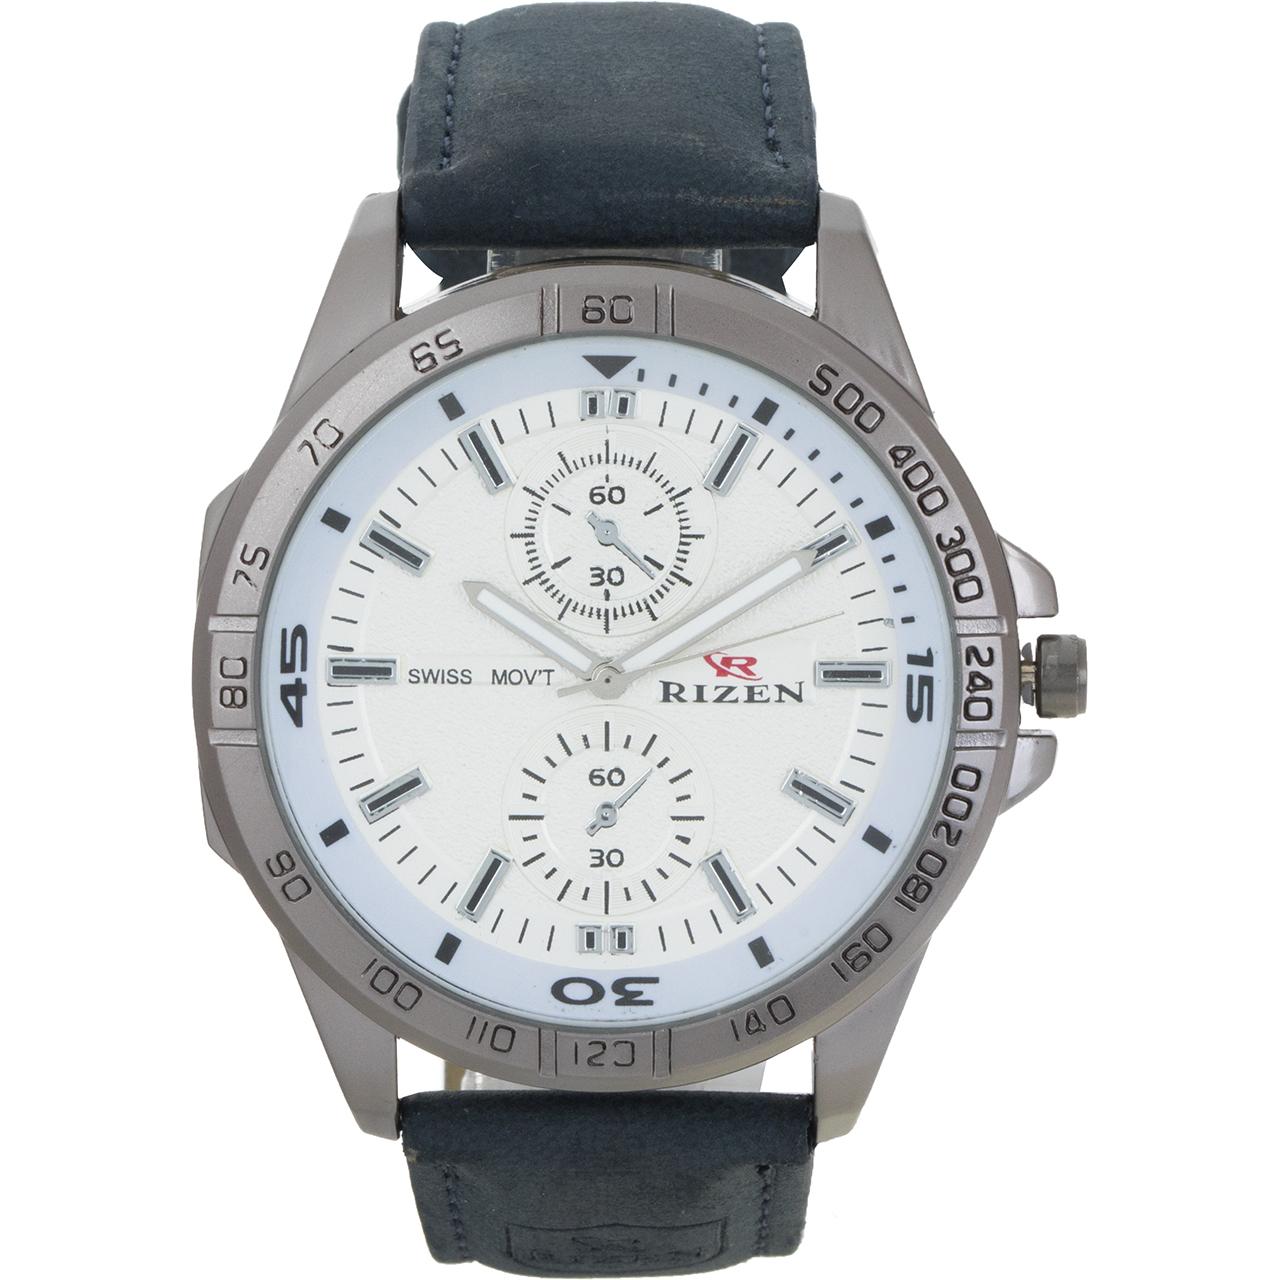 ساعت مچی عقربه ای مردانه ریزن مدل white-10